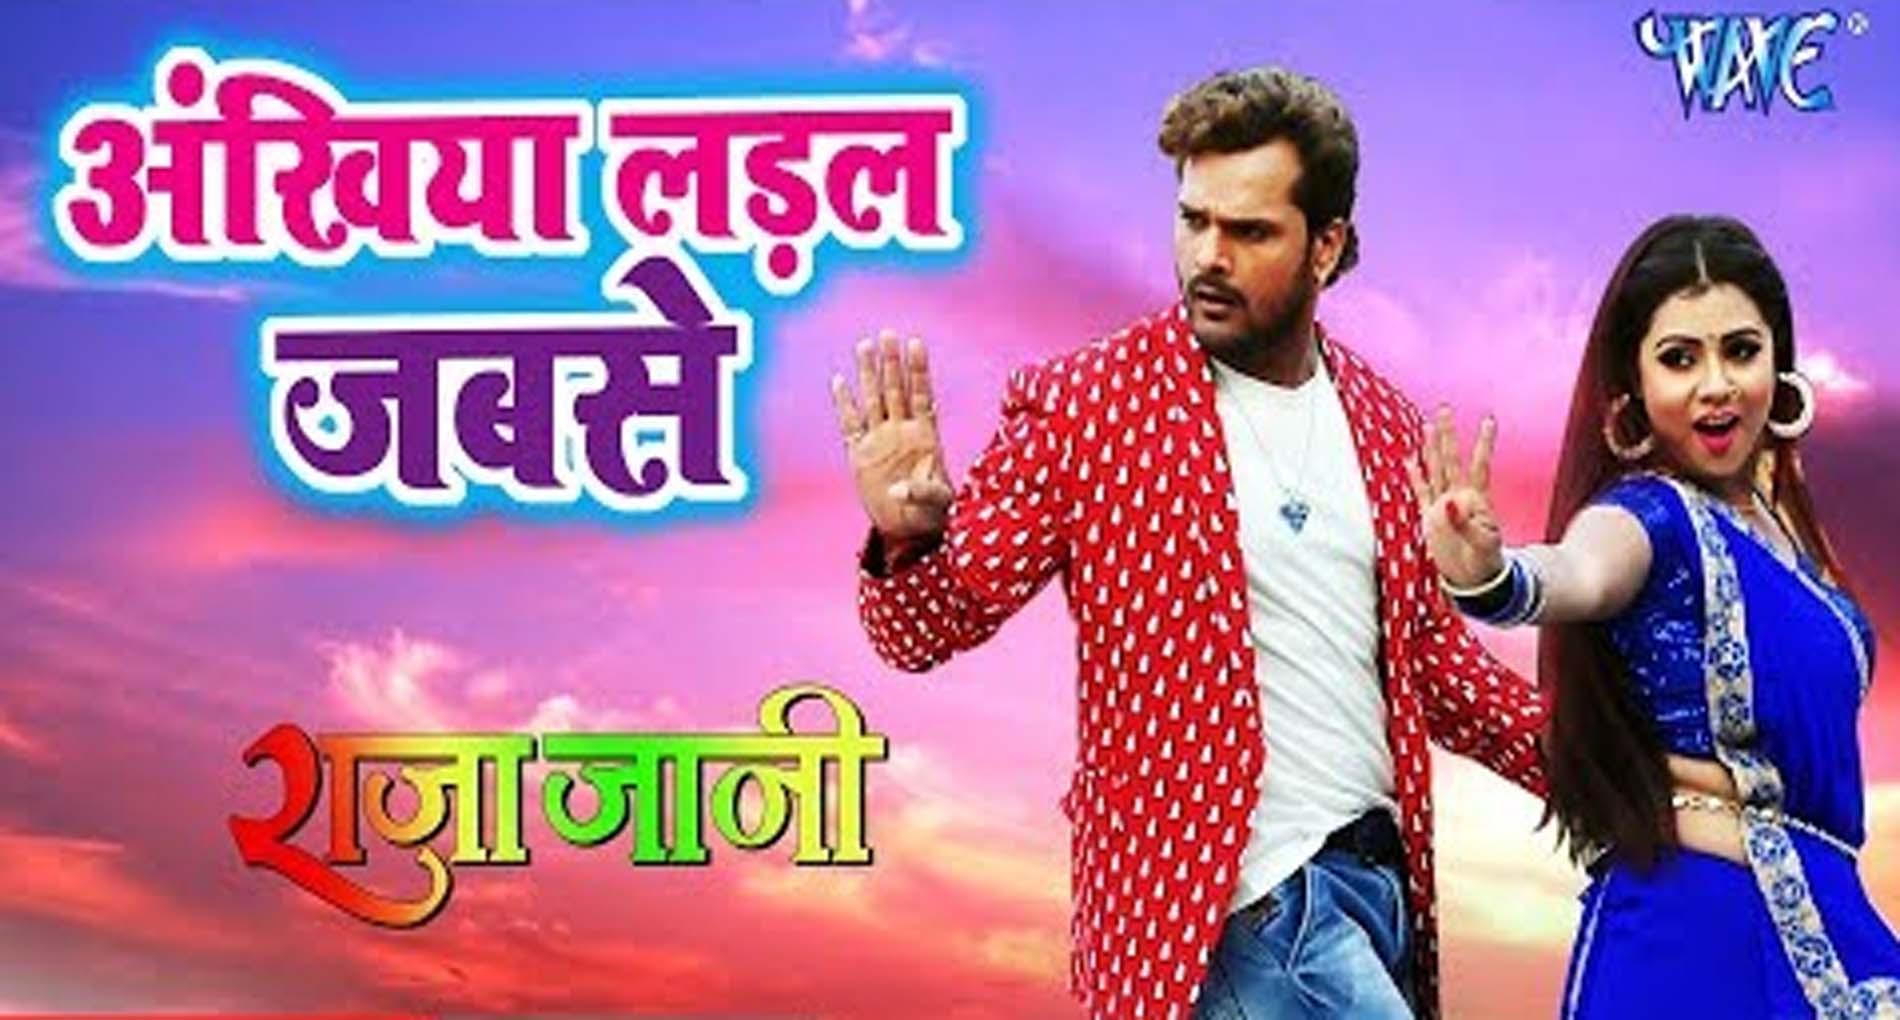 Priti Biswas song Ankhiya Ladal Jabse: प्रीति विश्वास का सॉन्ग 'अंखिया लड़ल जबसे' हुआ Viral